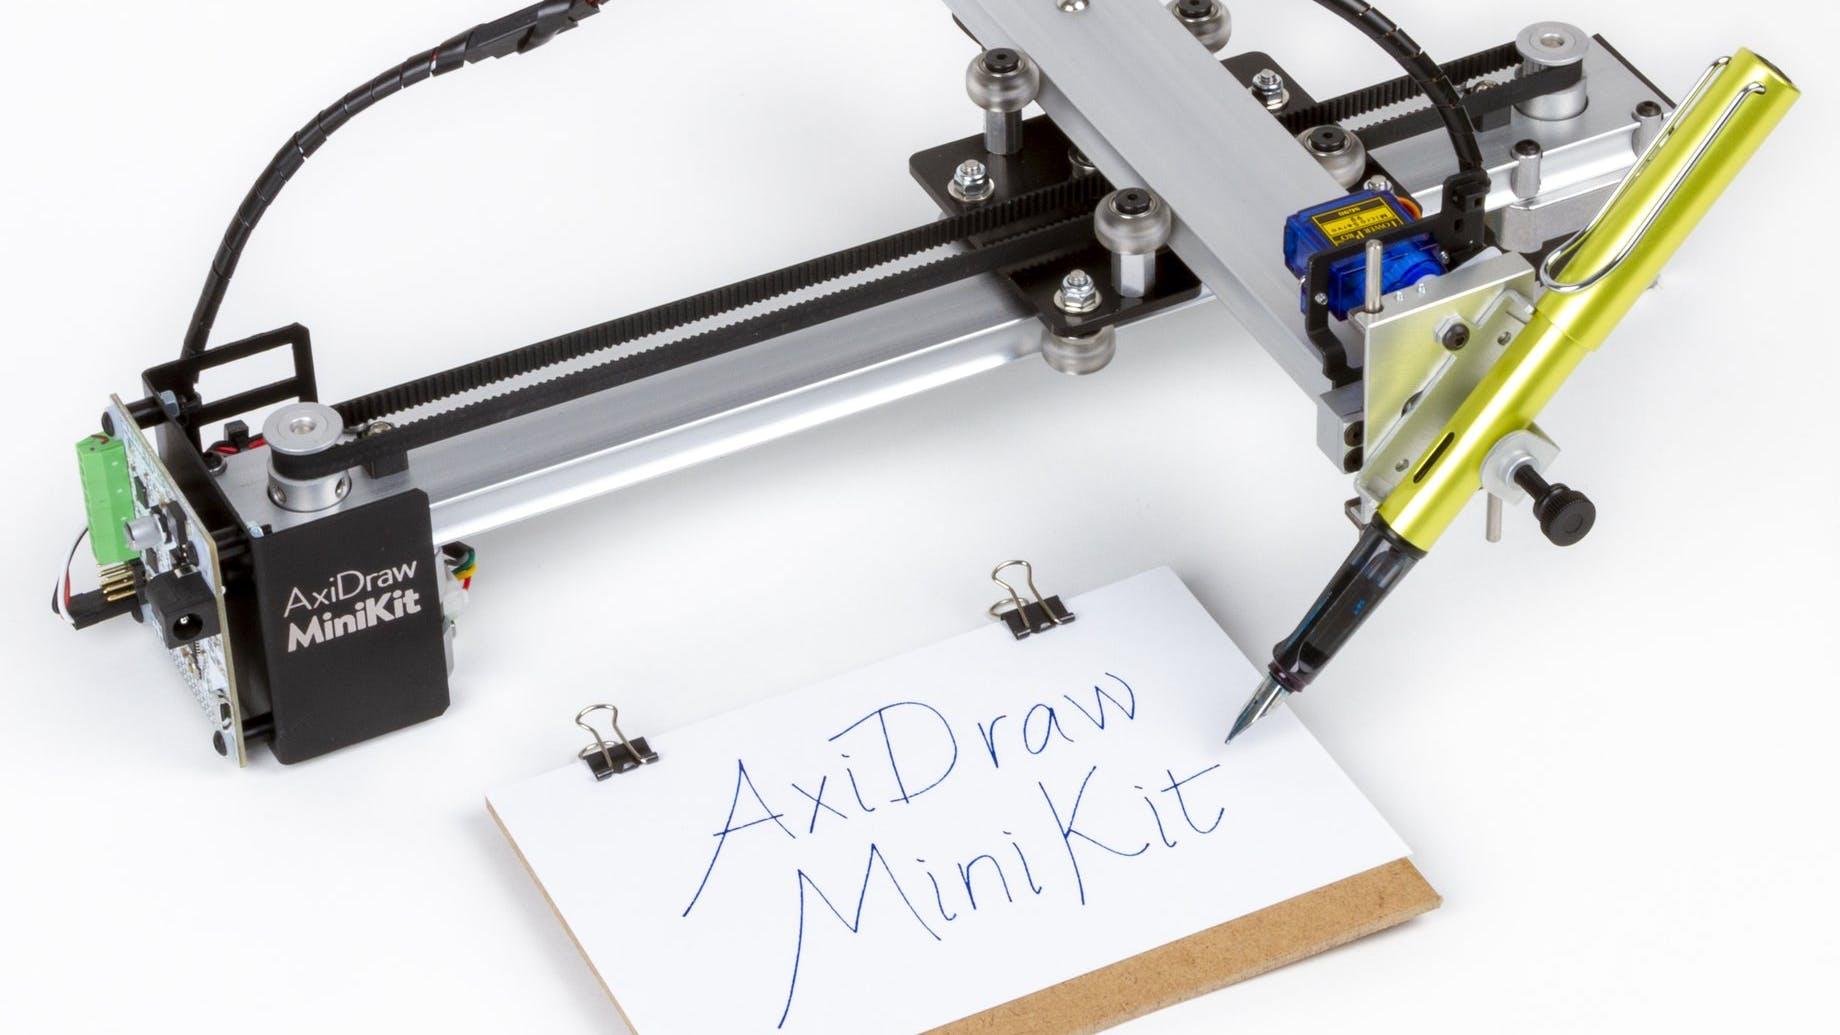 AxiDraw Mini Kit Plots in a 6x4